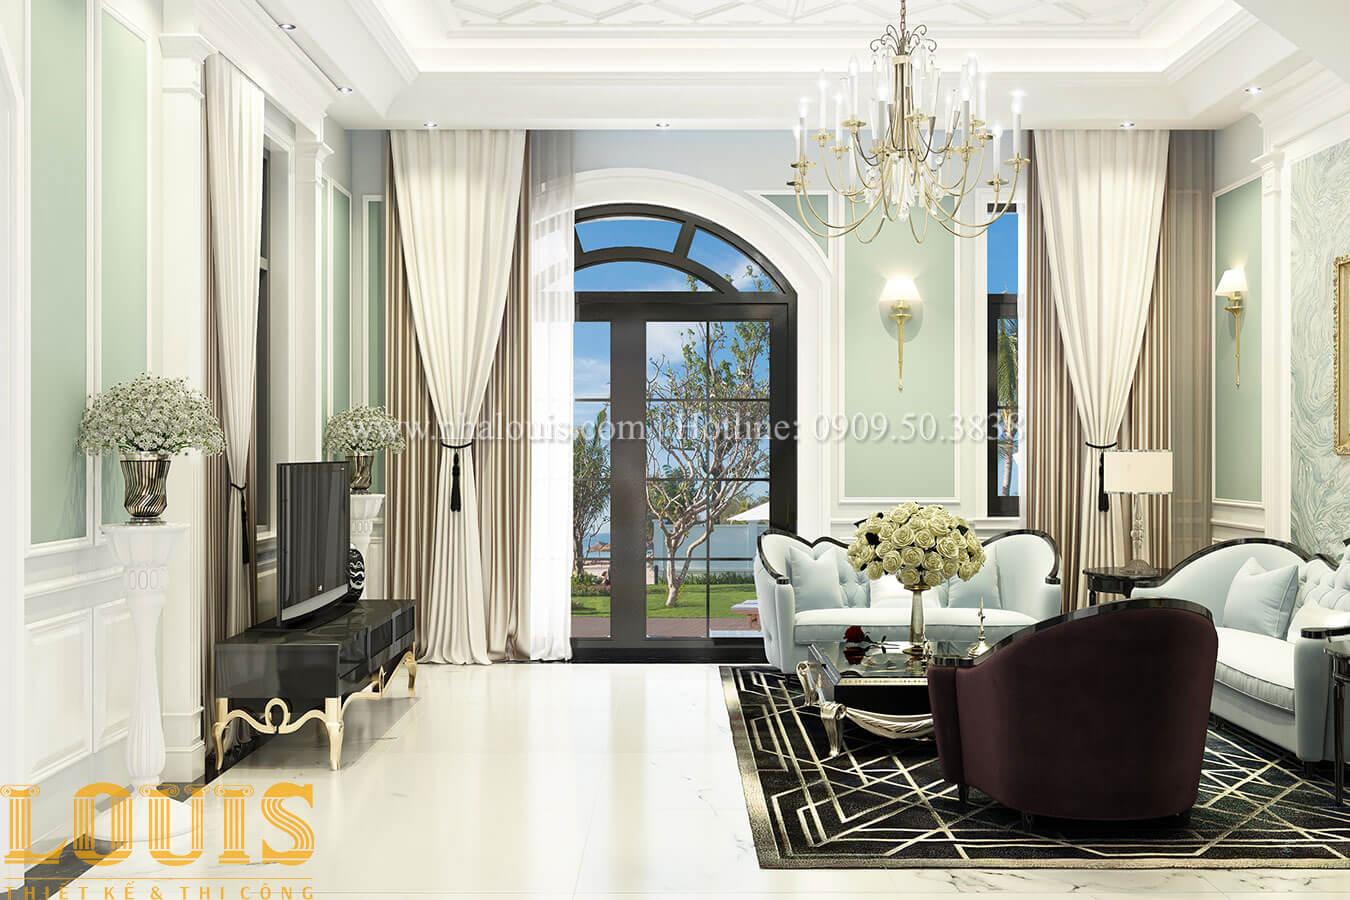 Phòng khách Thiết kế biệt thự 3 tầng đẹp có sân vườn ở miền quê Đồng Nai - 11